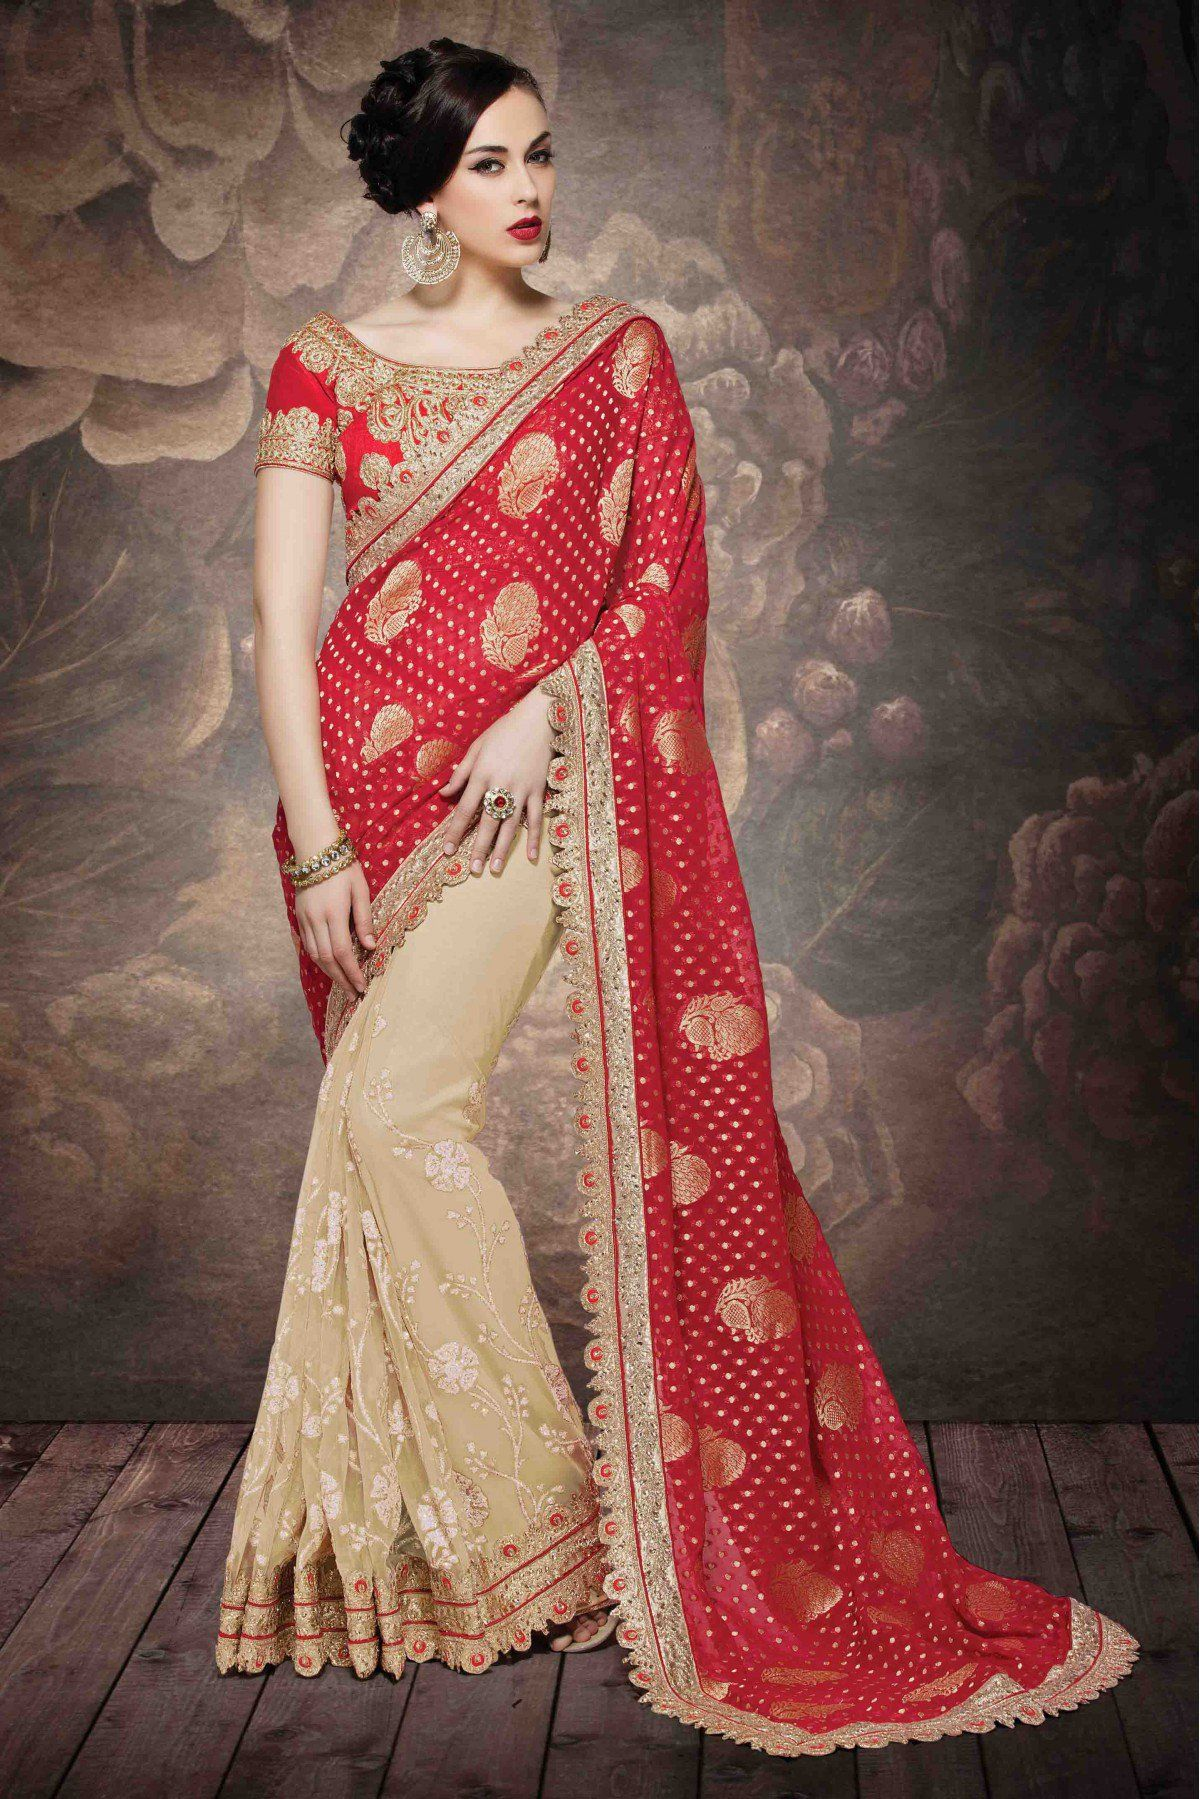 Wholesale designer sarees in bangalore dating